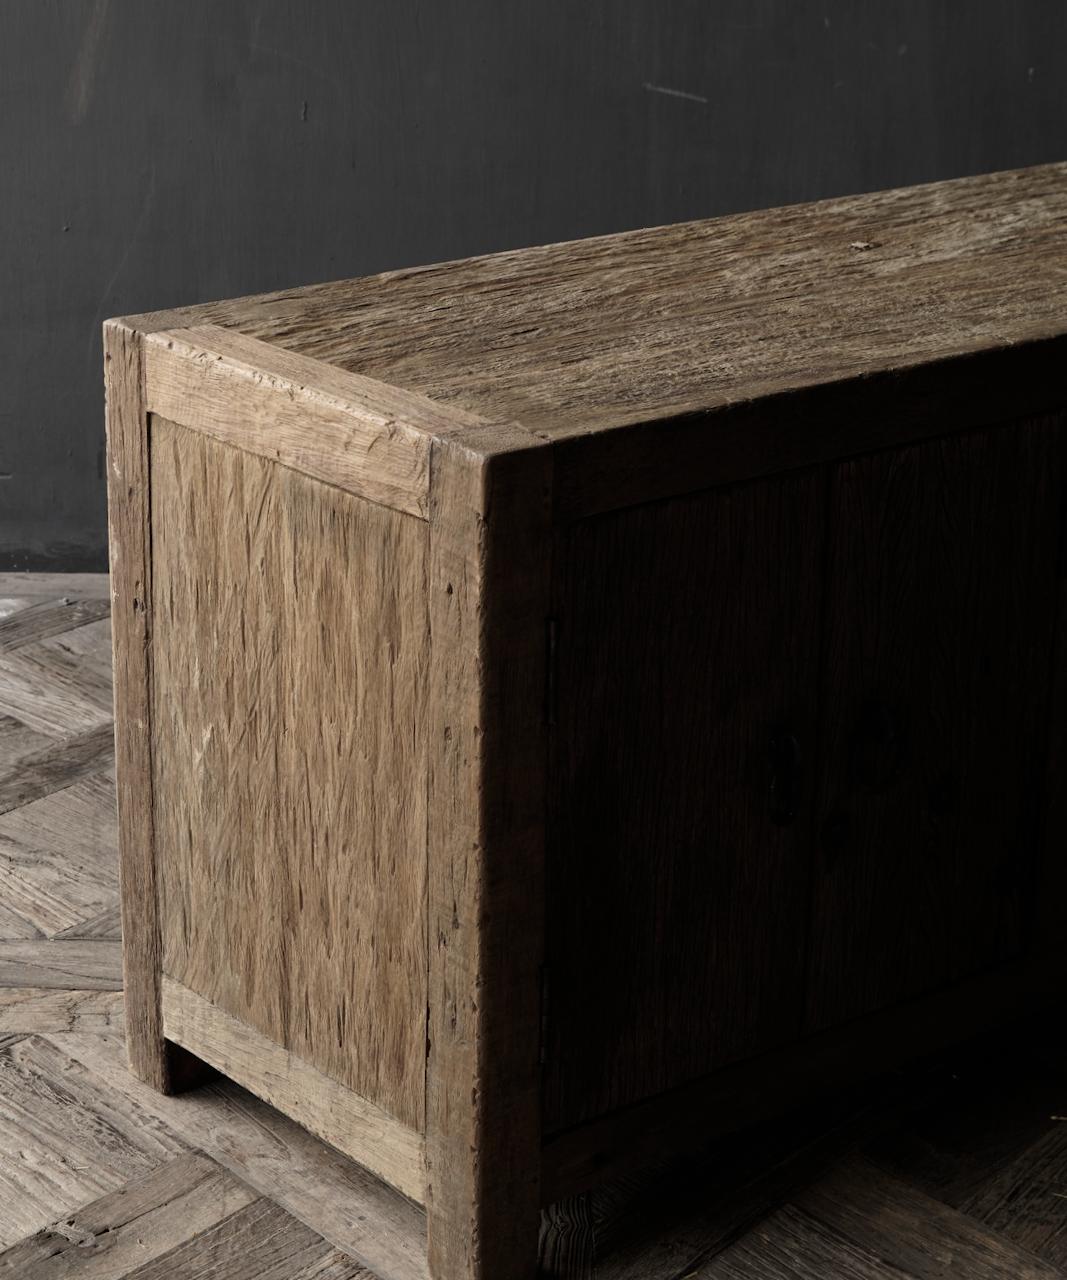 TV-Möbel / Sideboard aus altem, robustem Holz-4